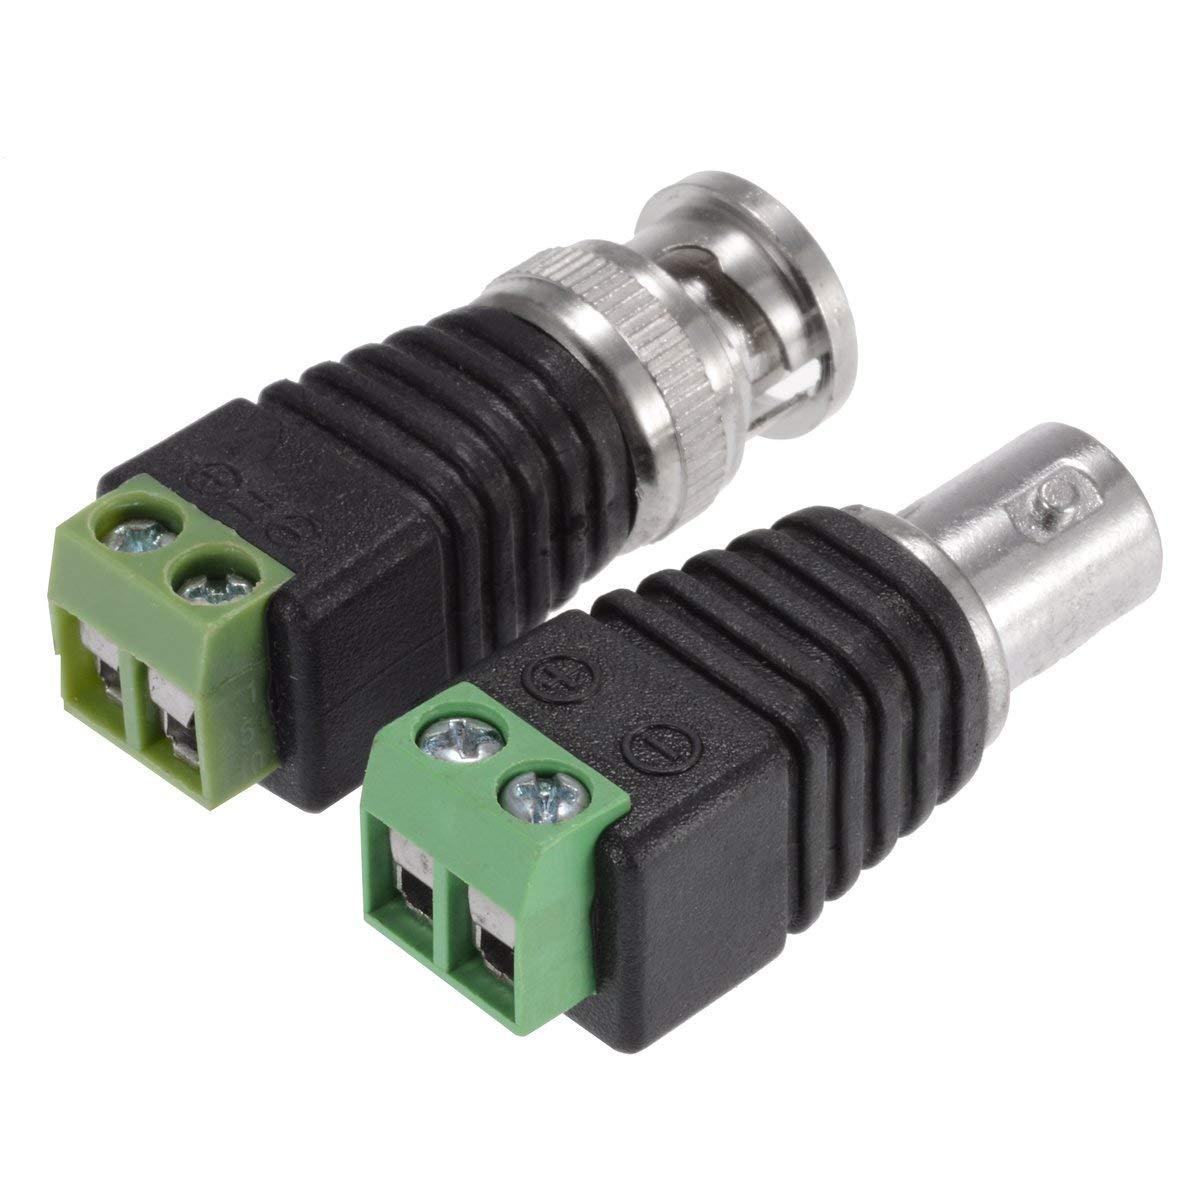 Nopson Conectores BNC Conectores macho 10pcs Conectores hembra 10pcs para c/ámaras de seguridad CCTV